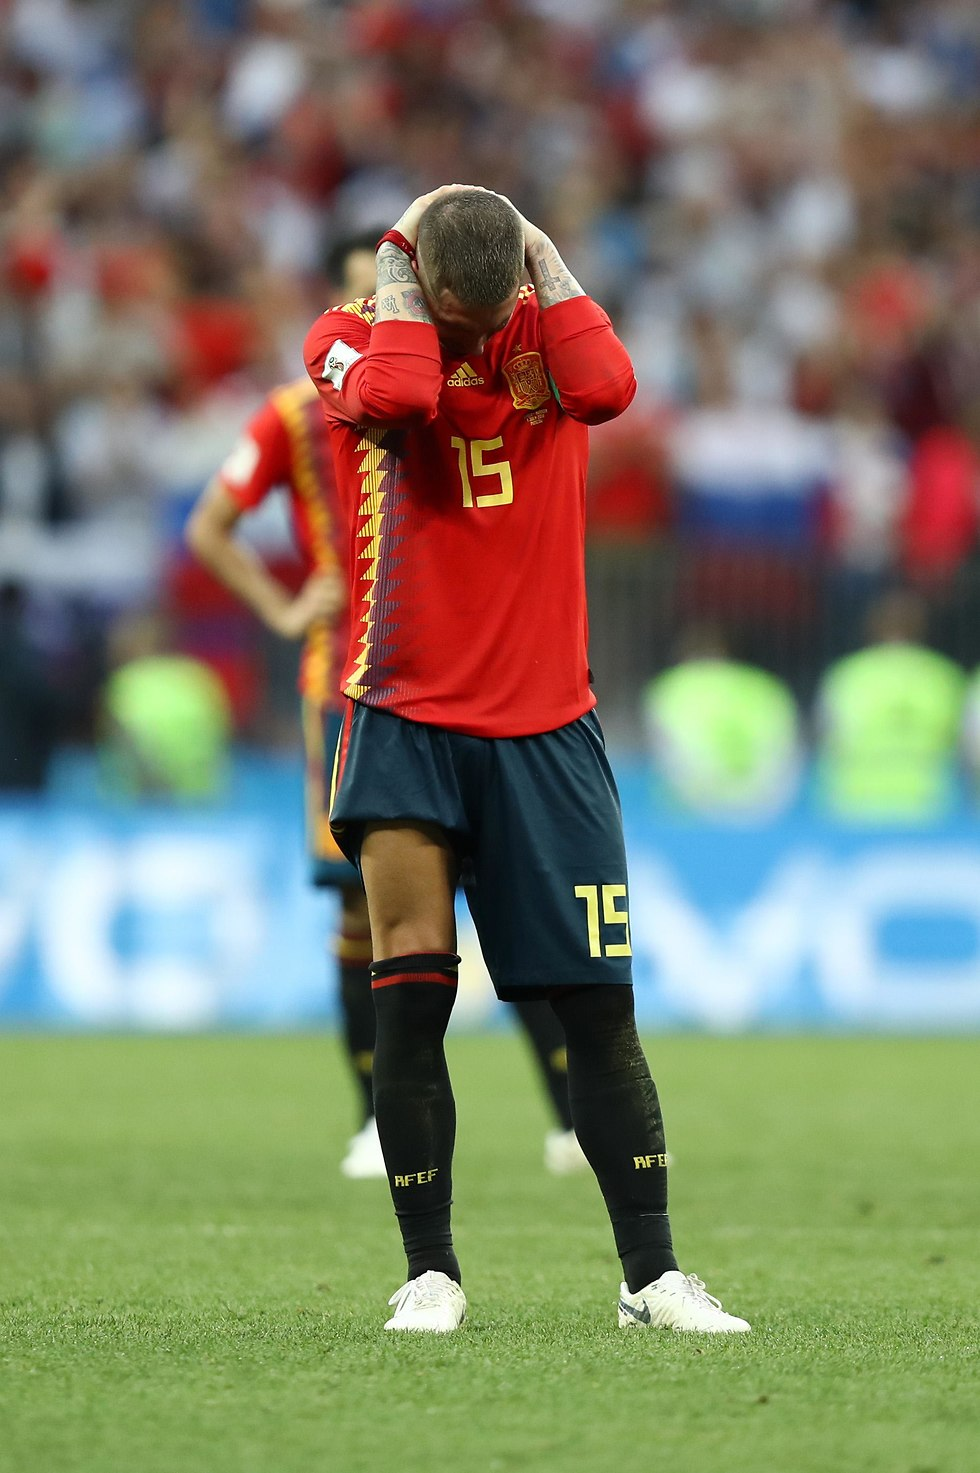 סרחיו ראמוס מאוכזב בשמינית הגמר (צילום: getty images)